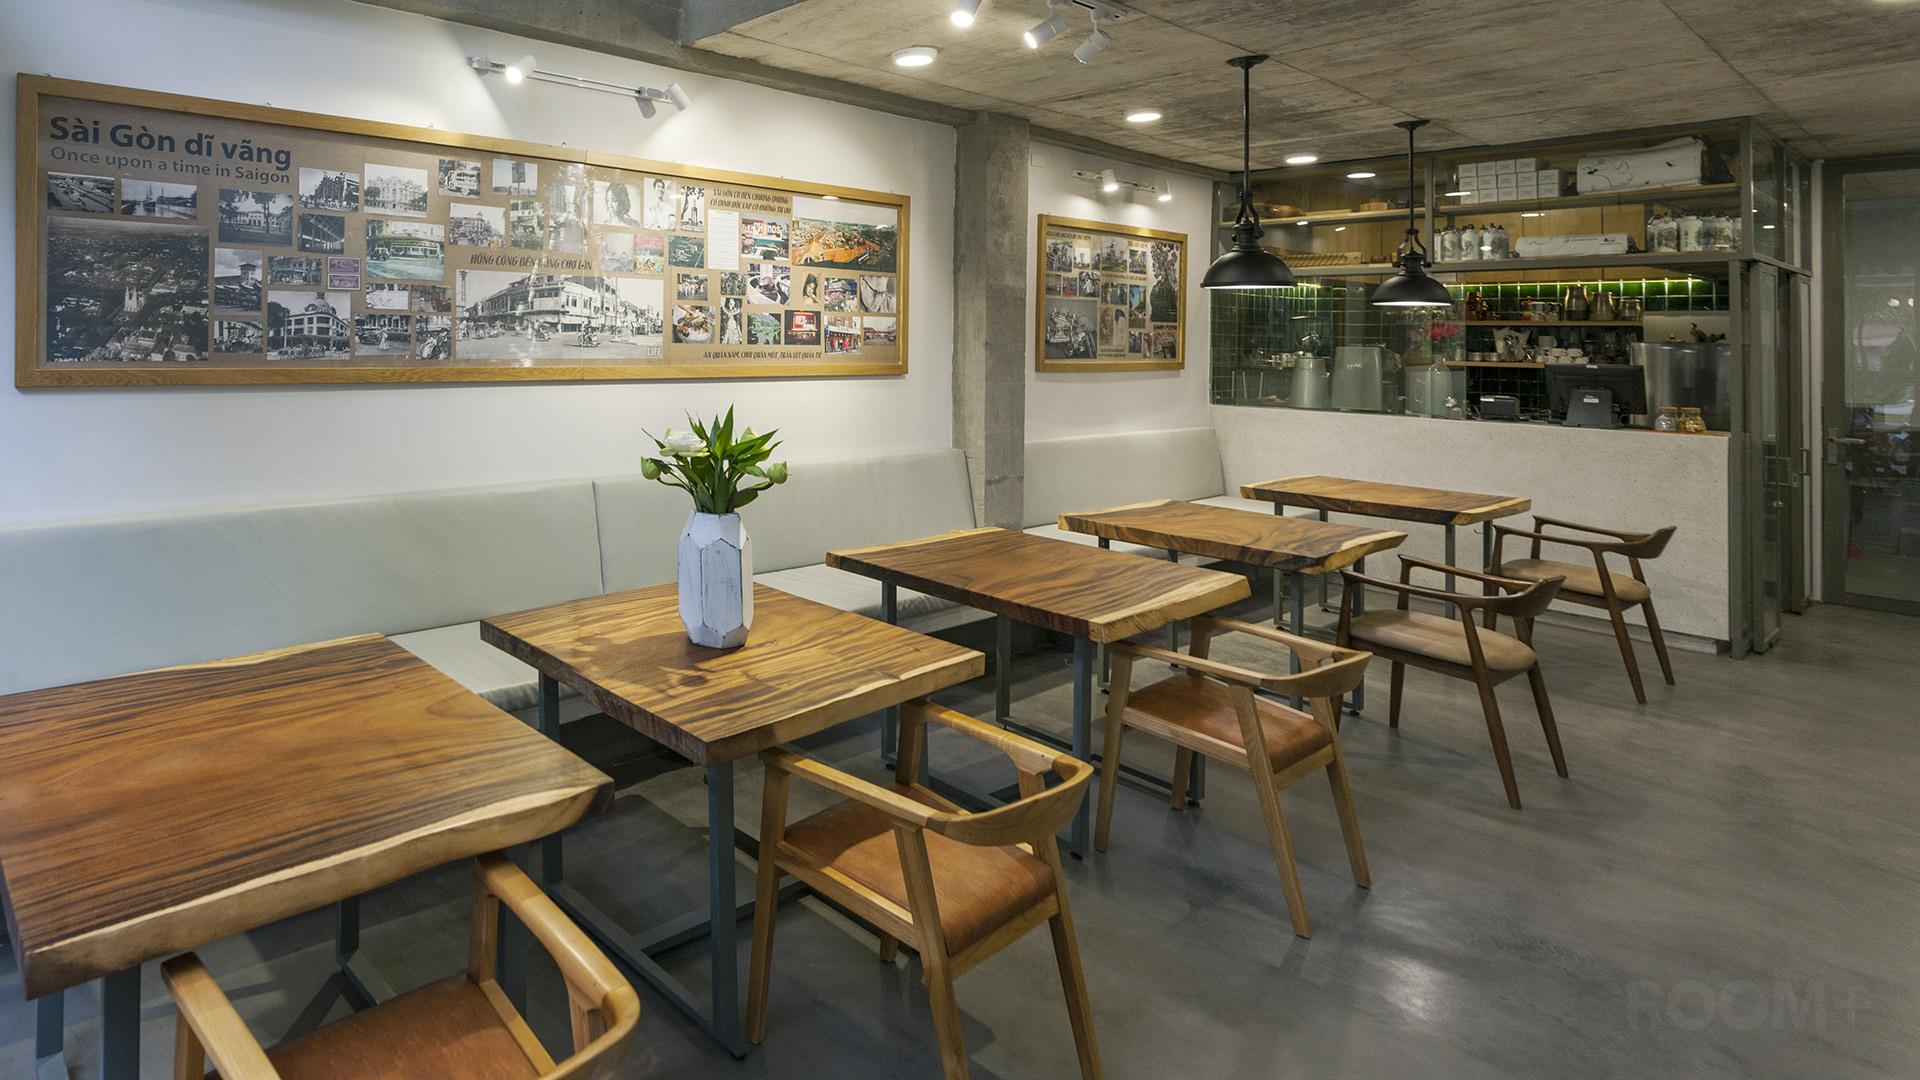 Work'in SaiGon Cafe